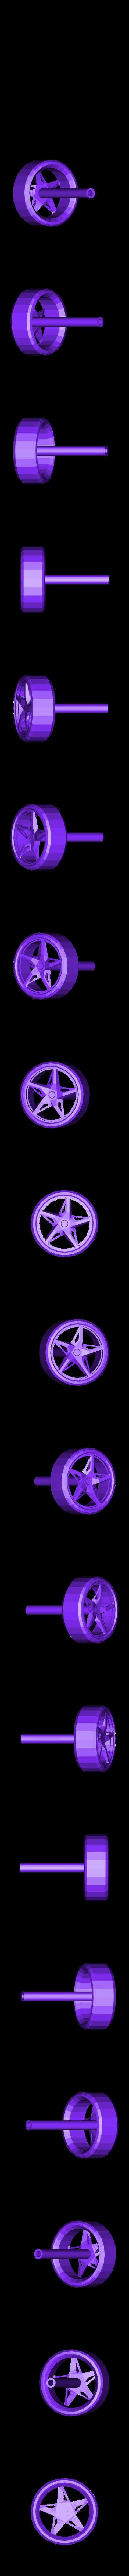 Ferrari_Part_6_Front_left_Wheel_repaired.stl Télécharger fichier STL gratuit Kit modèle Ferrari 458 • Modèle pour impression 3D, AliSouskian